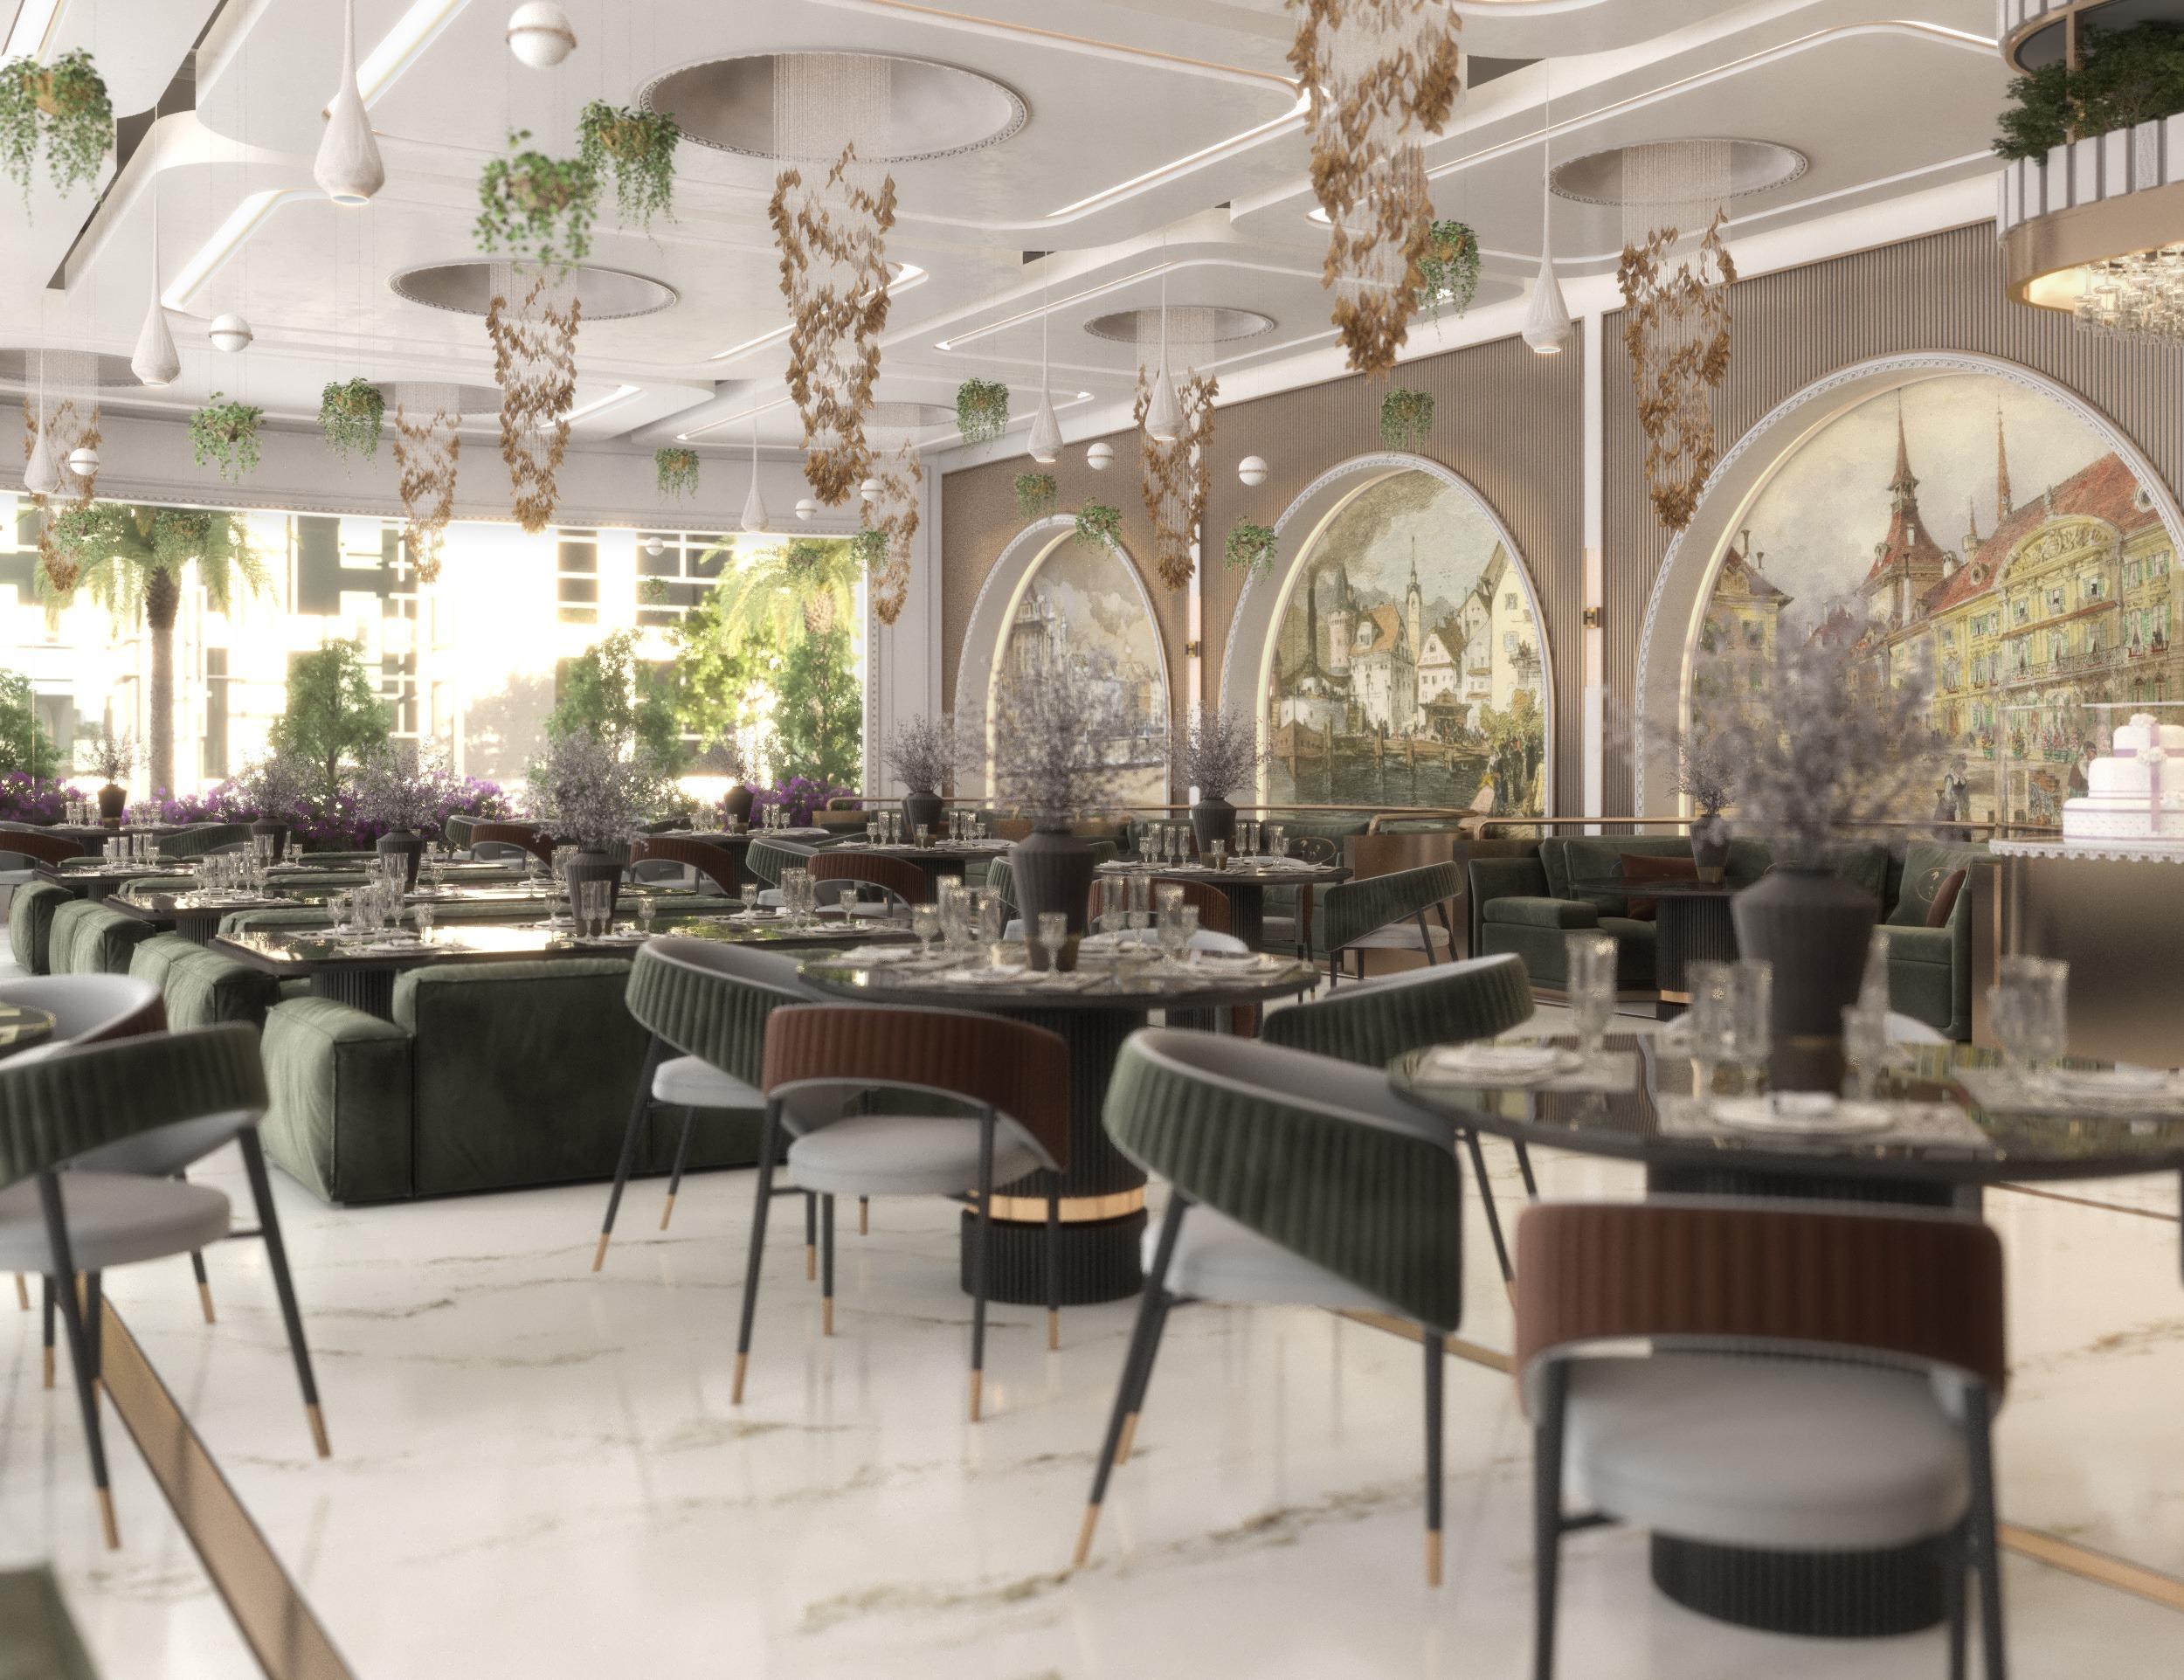 lucerne restaurant in uae